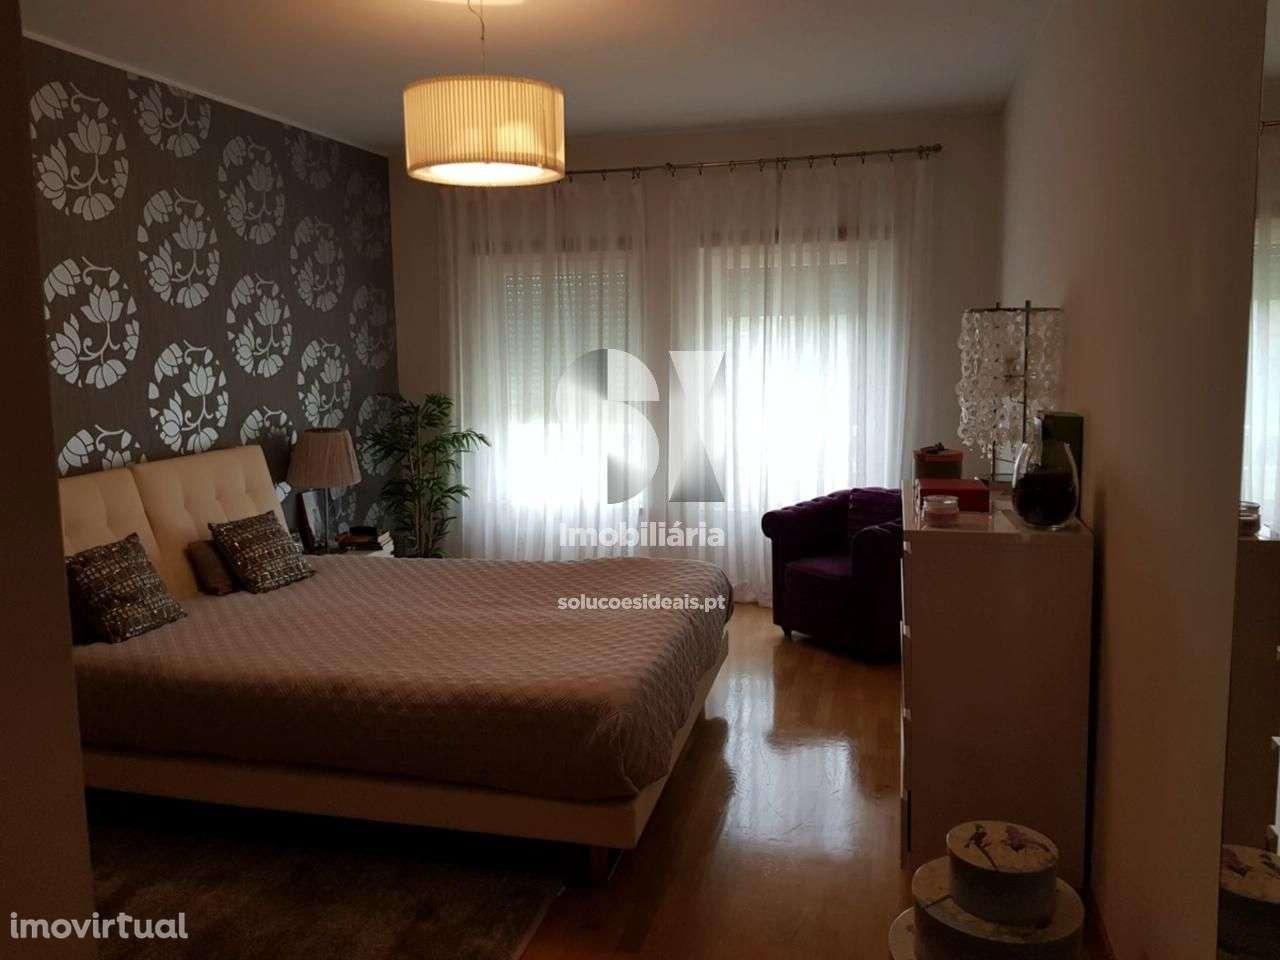 Apartamento para comprar, A dos Cunhados e Maceira, Lisboa - Foto 8